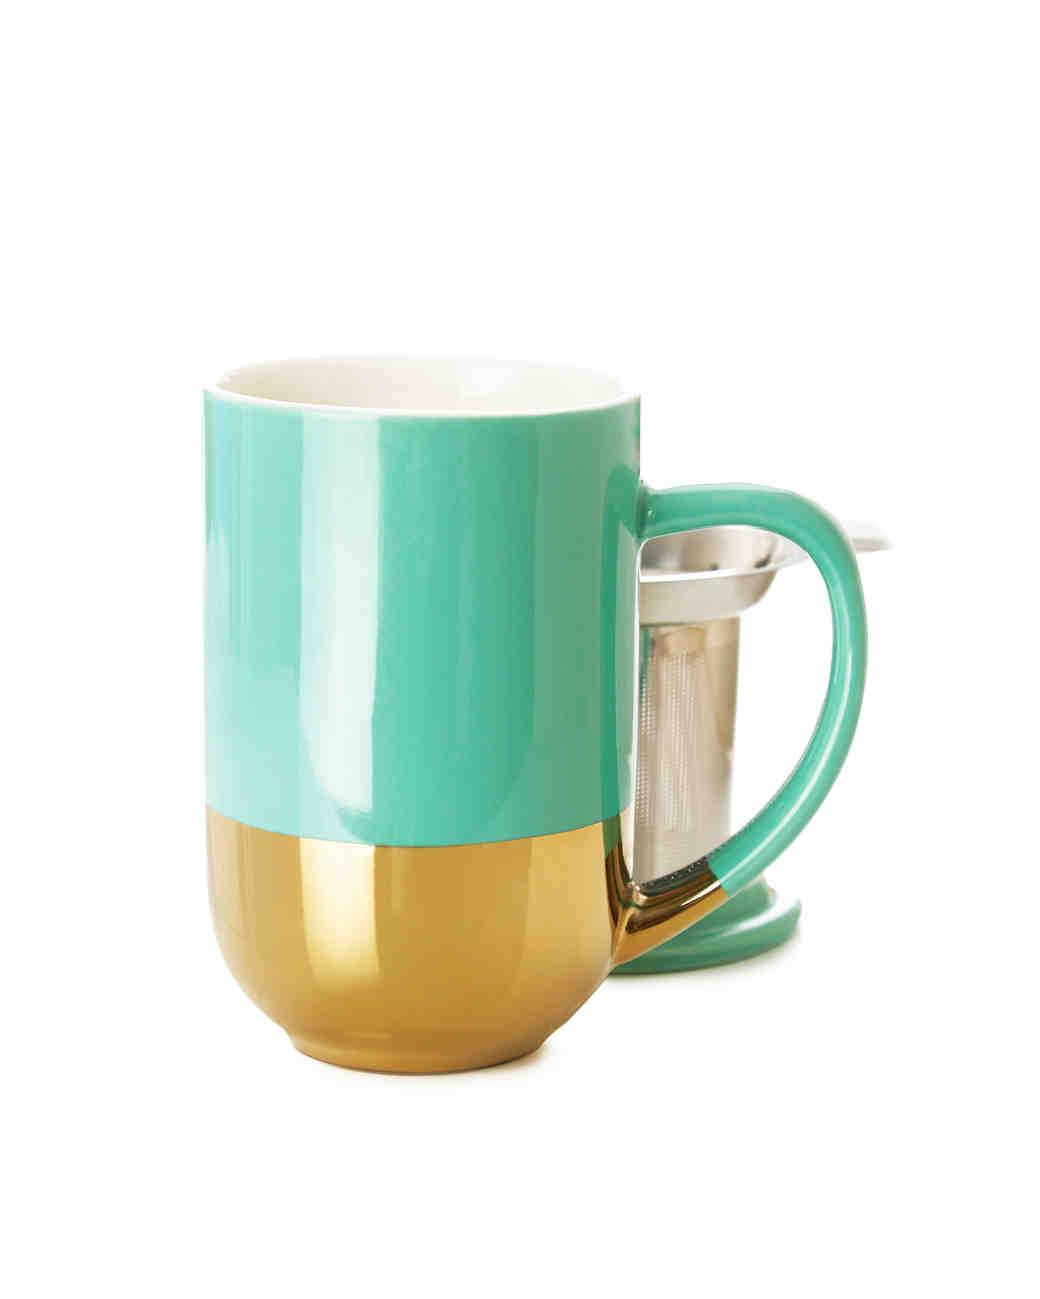 Davids tea nordic mug